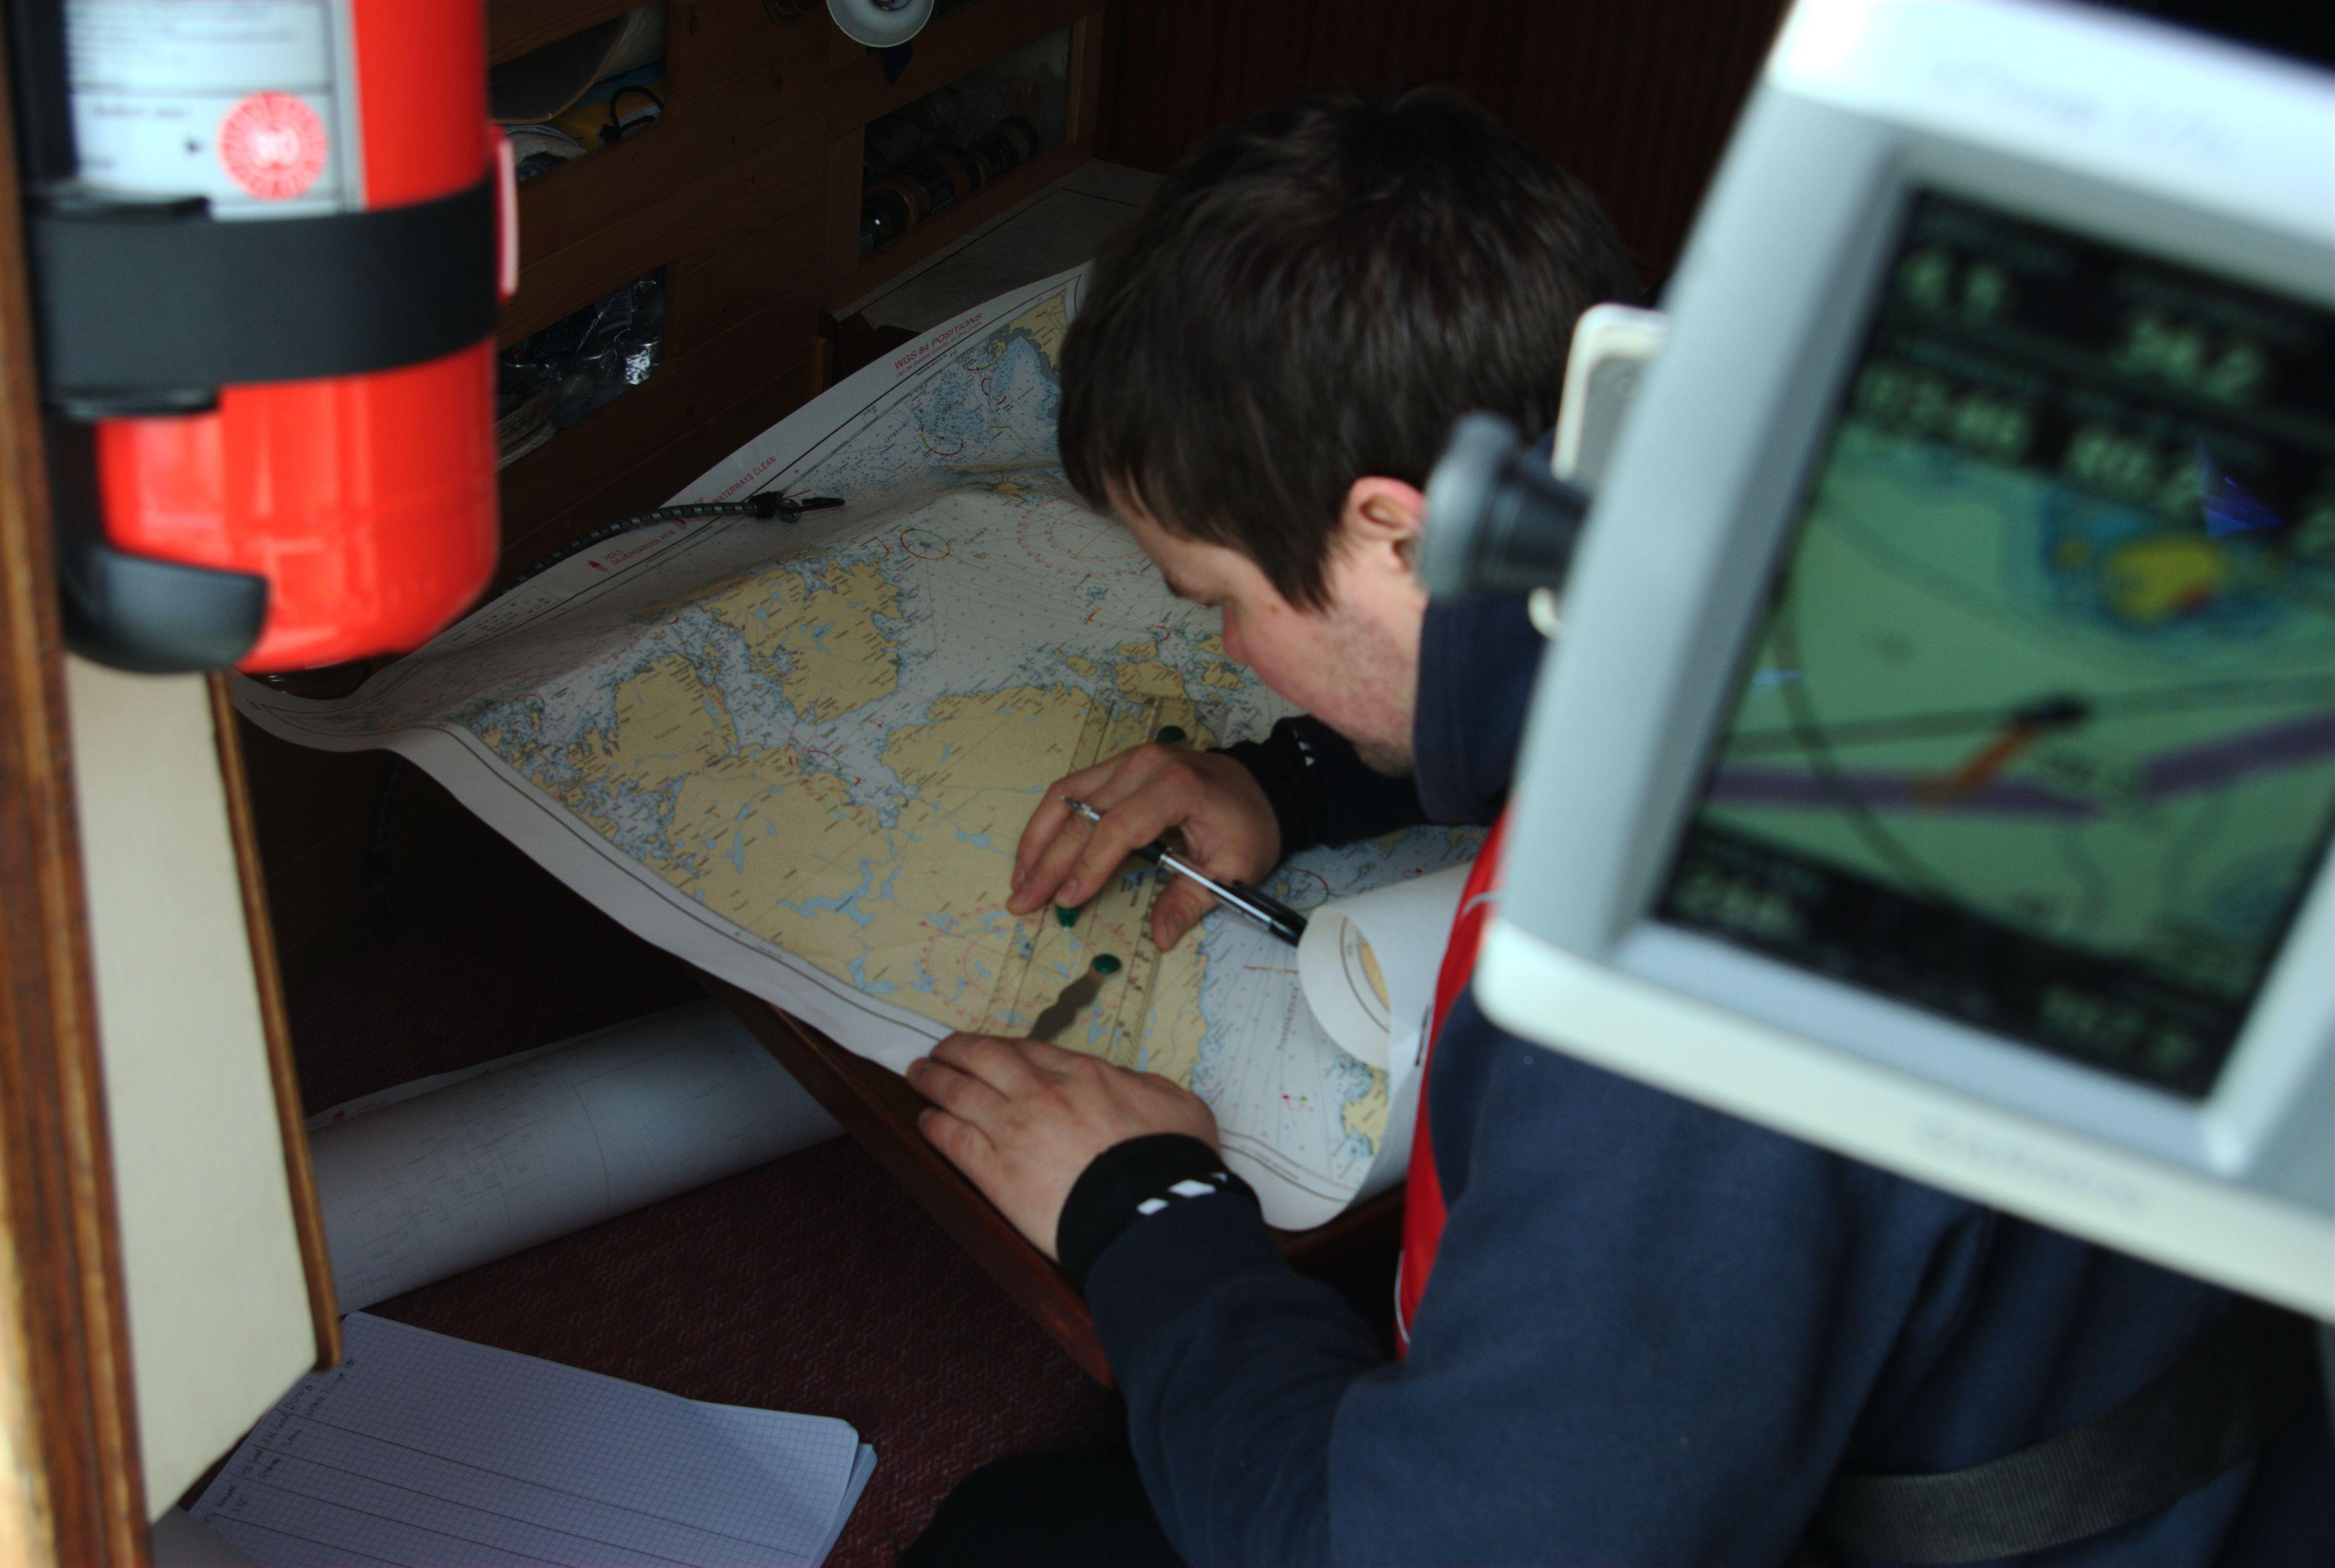 Vi har utfordret kartet og kartplotteren.